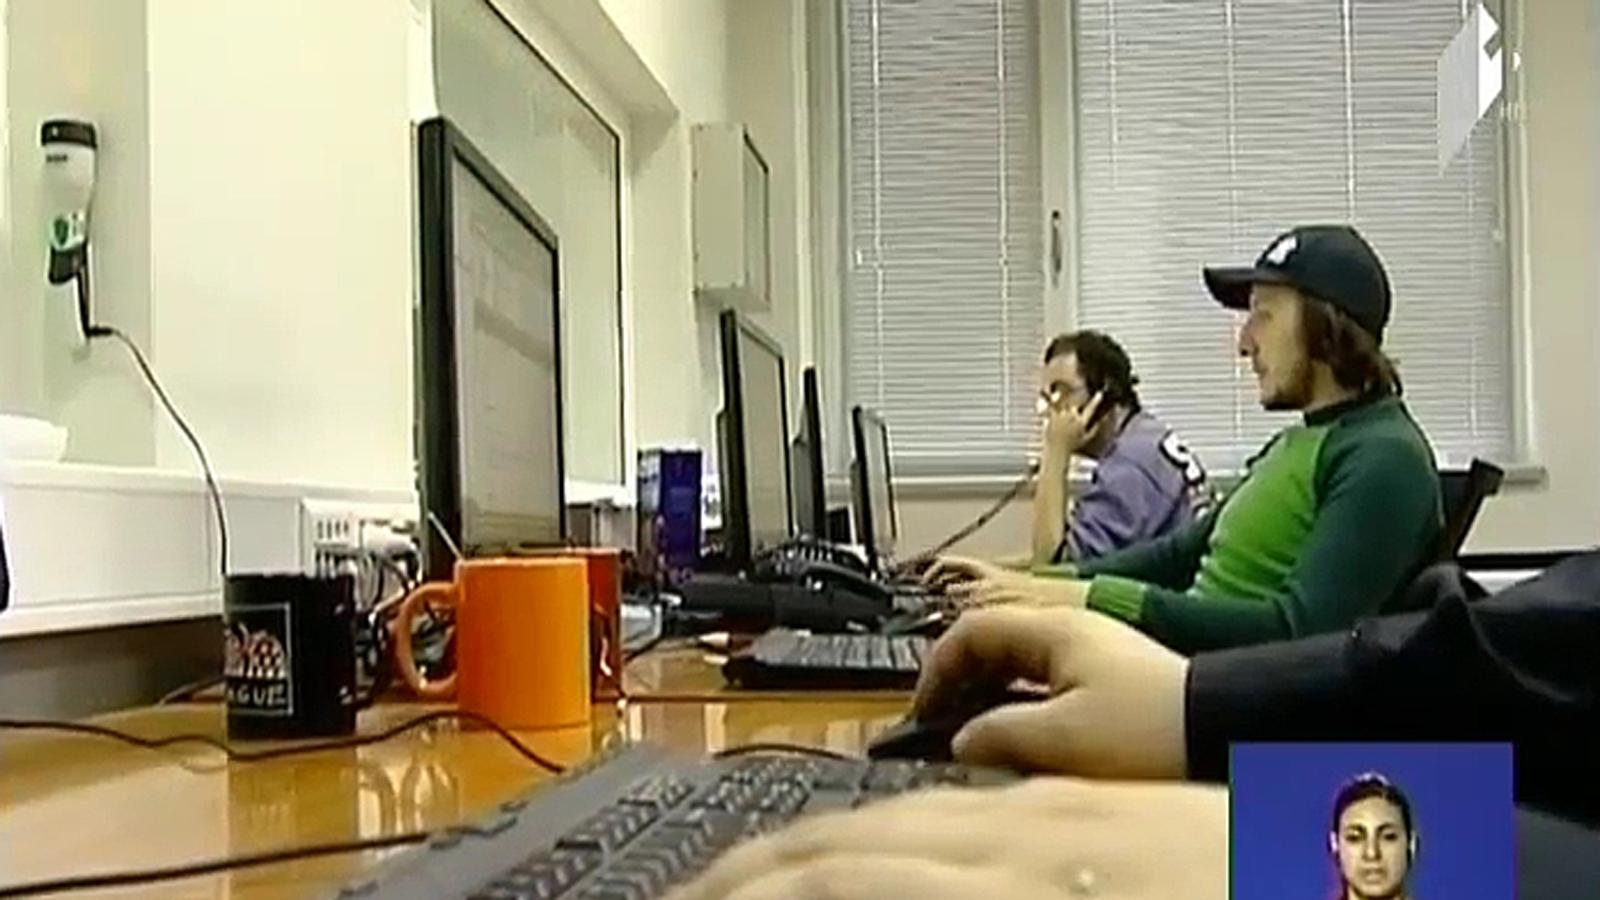 რა რეგულაციების დაწესებას აპირებს კომუნიკაციების მარეგულირებელი კომისია ინტერნეტპროვაიდერებისთვის